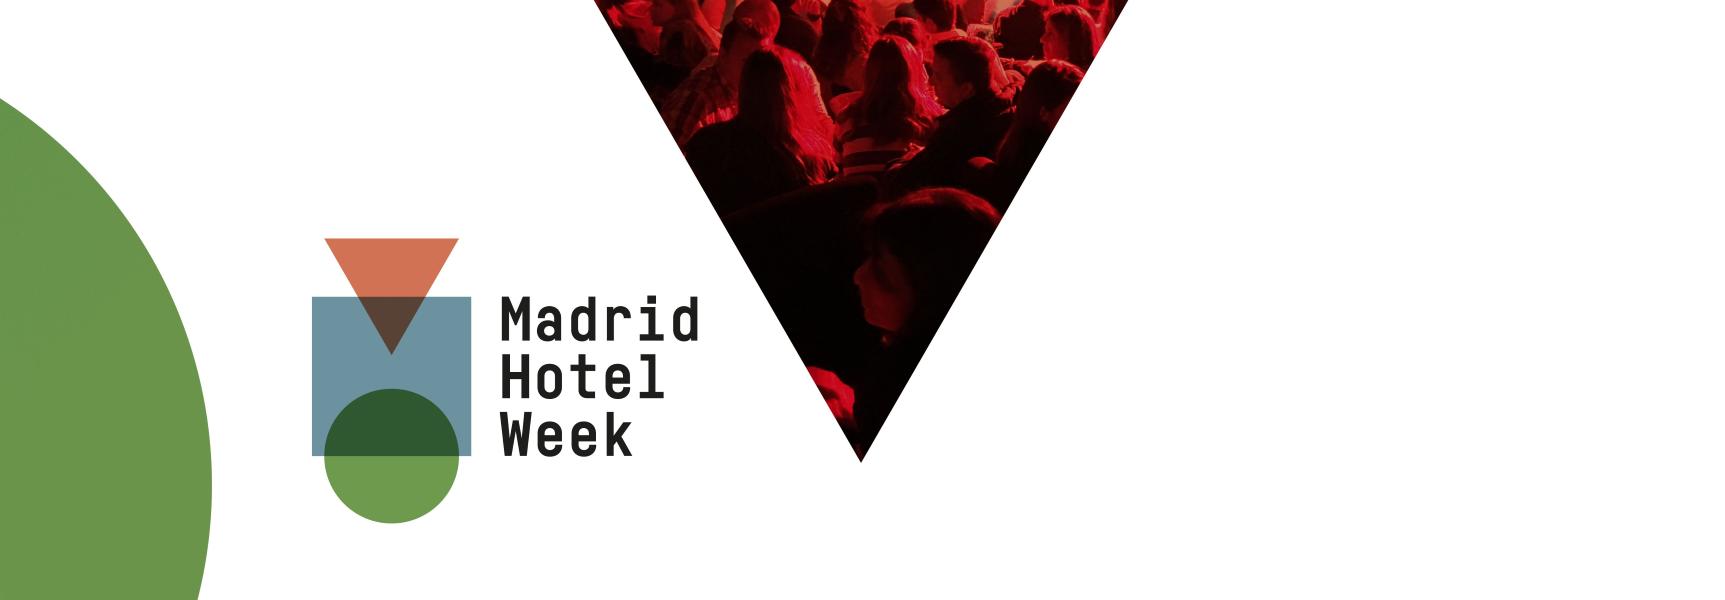 La Madrid Hotel Week 2018, centrada en el papel de la mujer en el sector